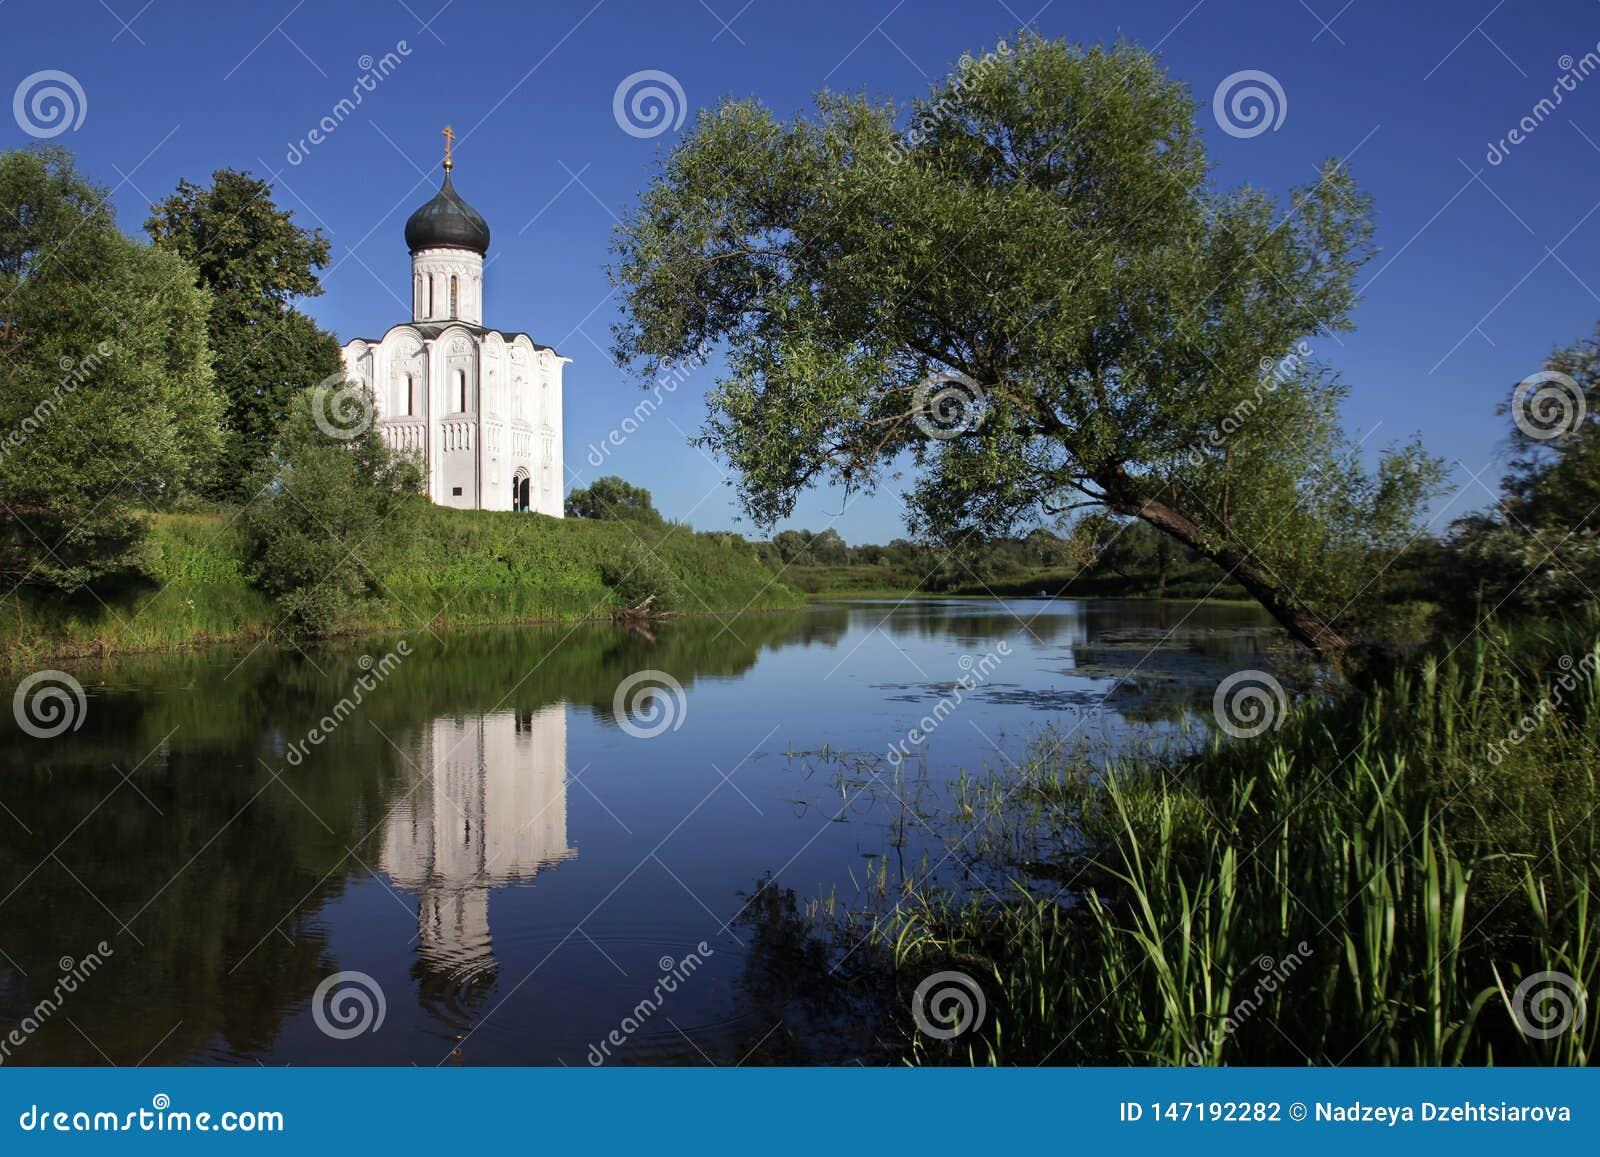 L église en pierre blanche de l intervention de la mère la plus sainte de Dieu sur Nerli le 12ème siècle